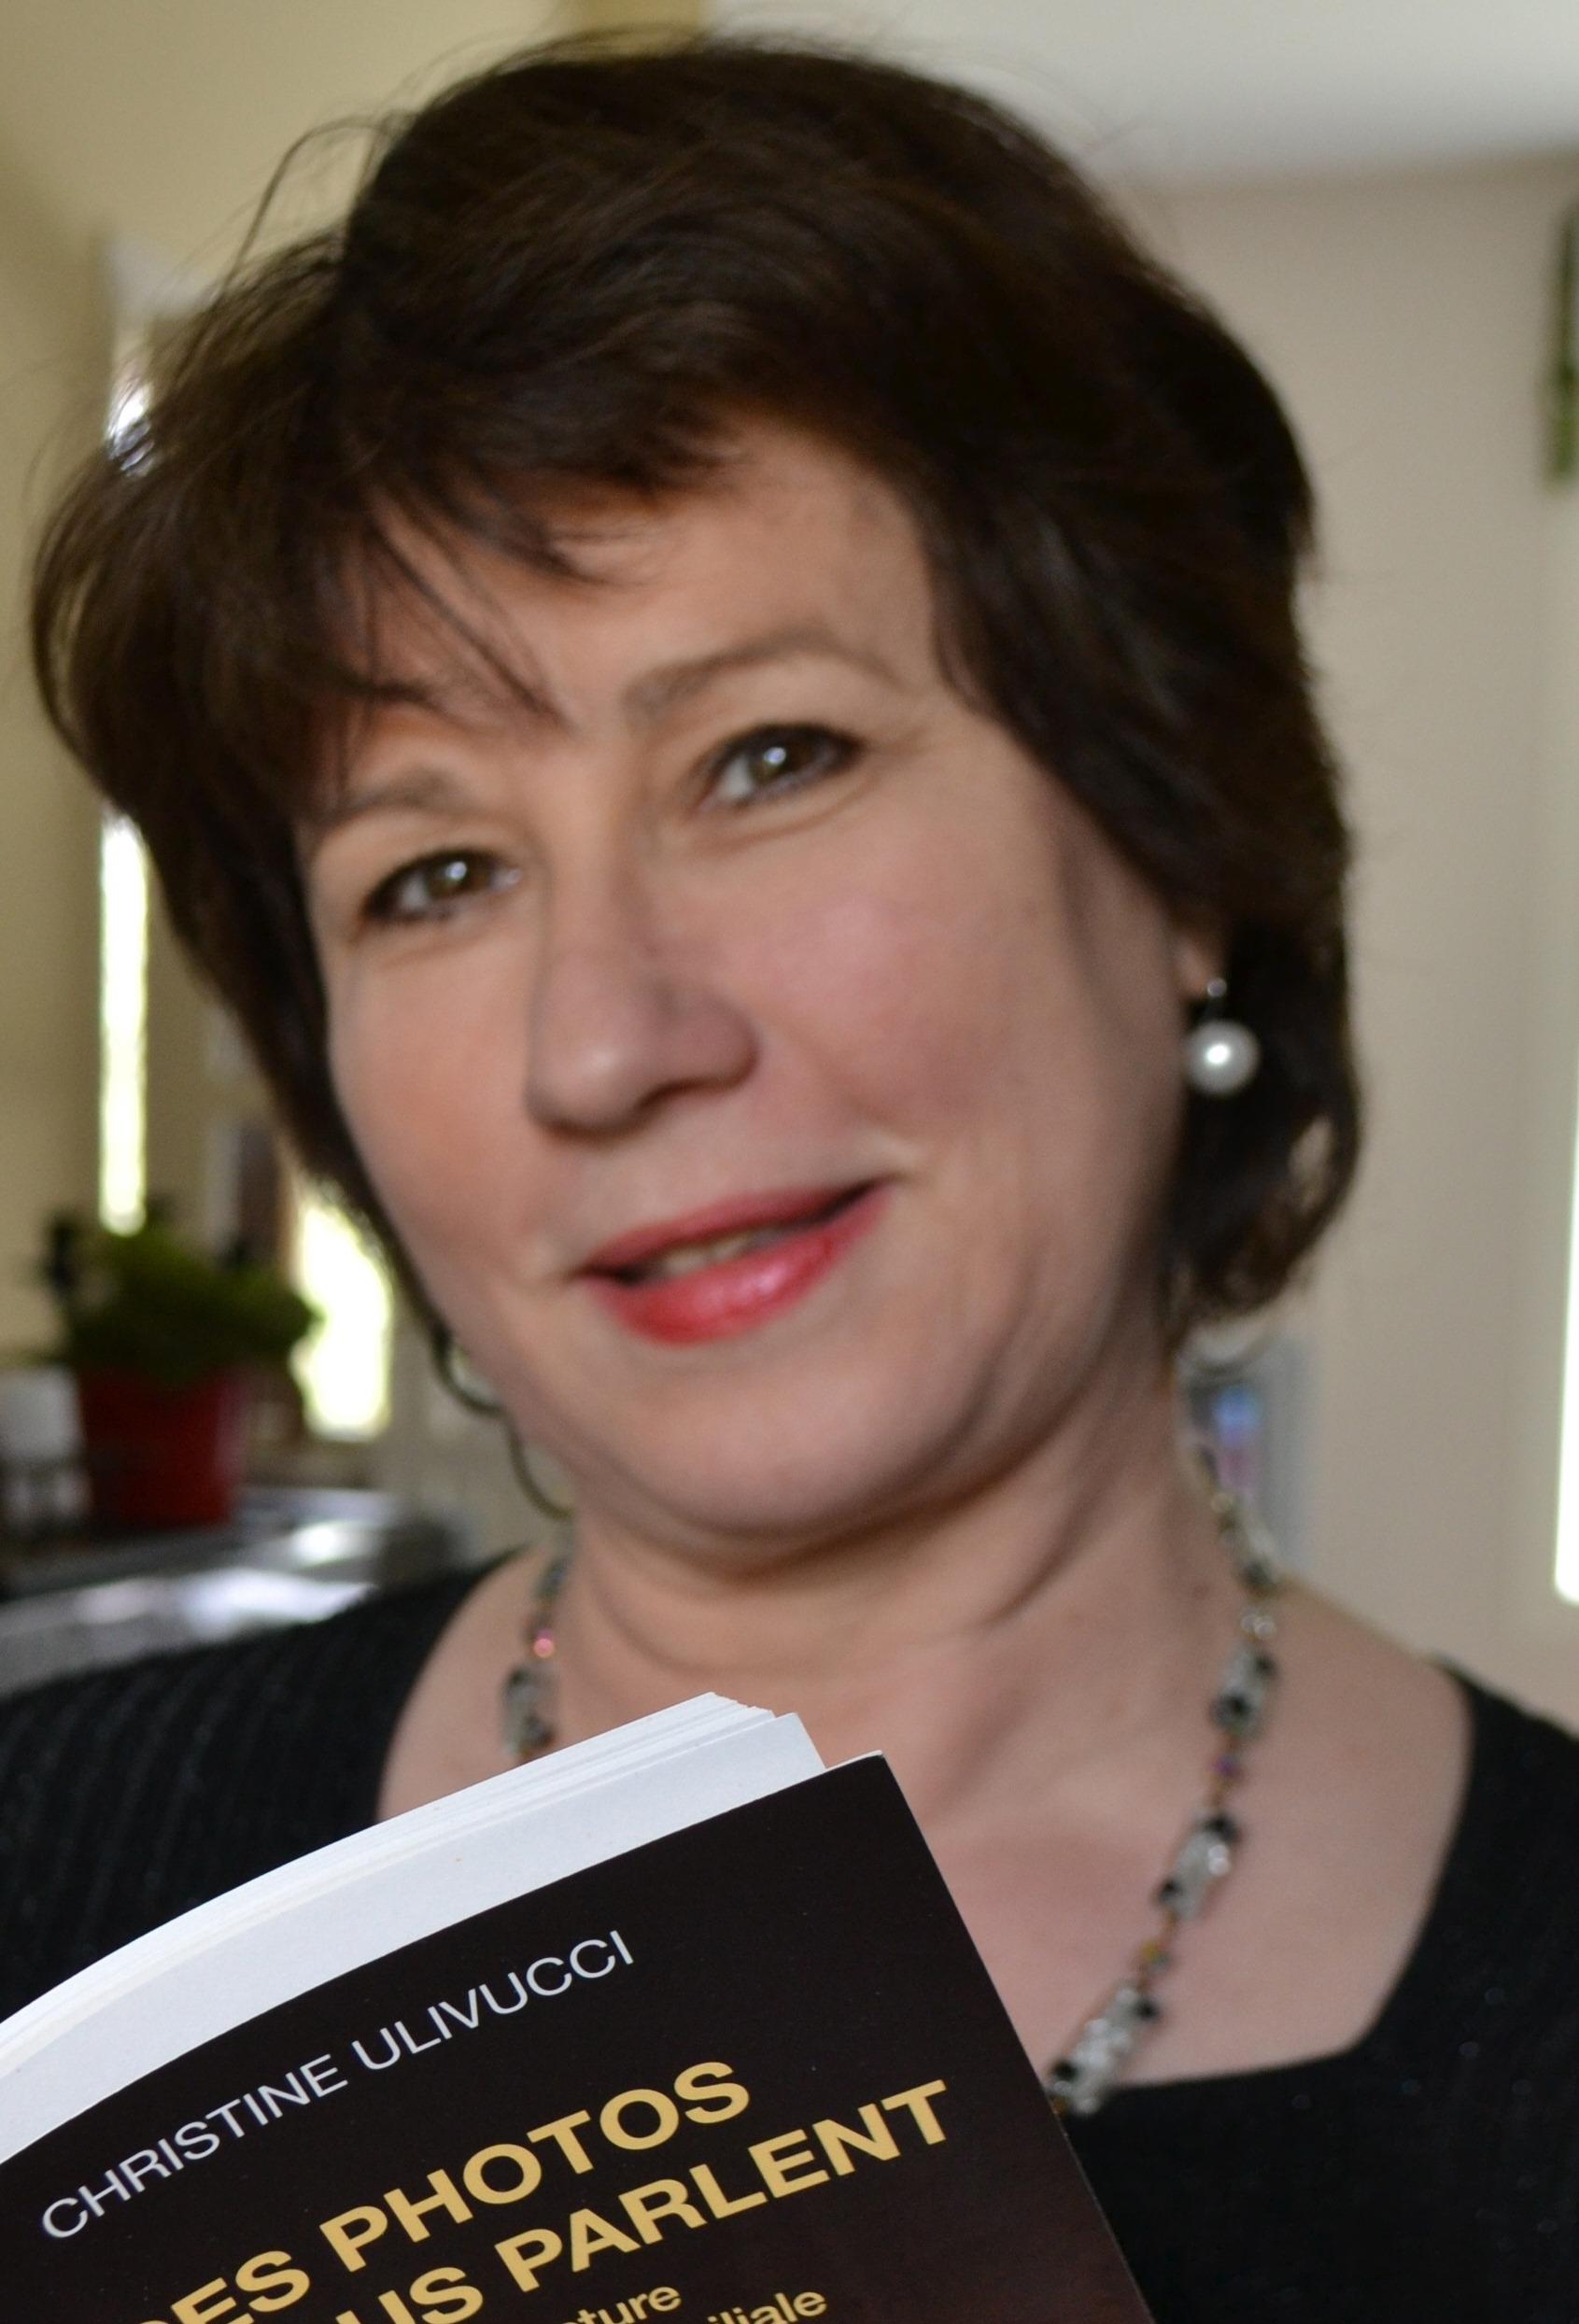 Geneviève Saint-Hubert Consultante Généalogie Histoire familleToulouse Occitanie